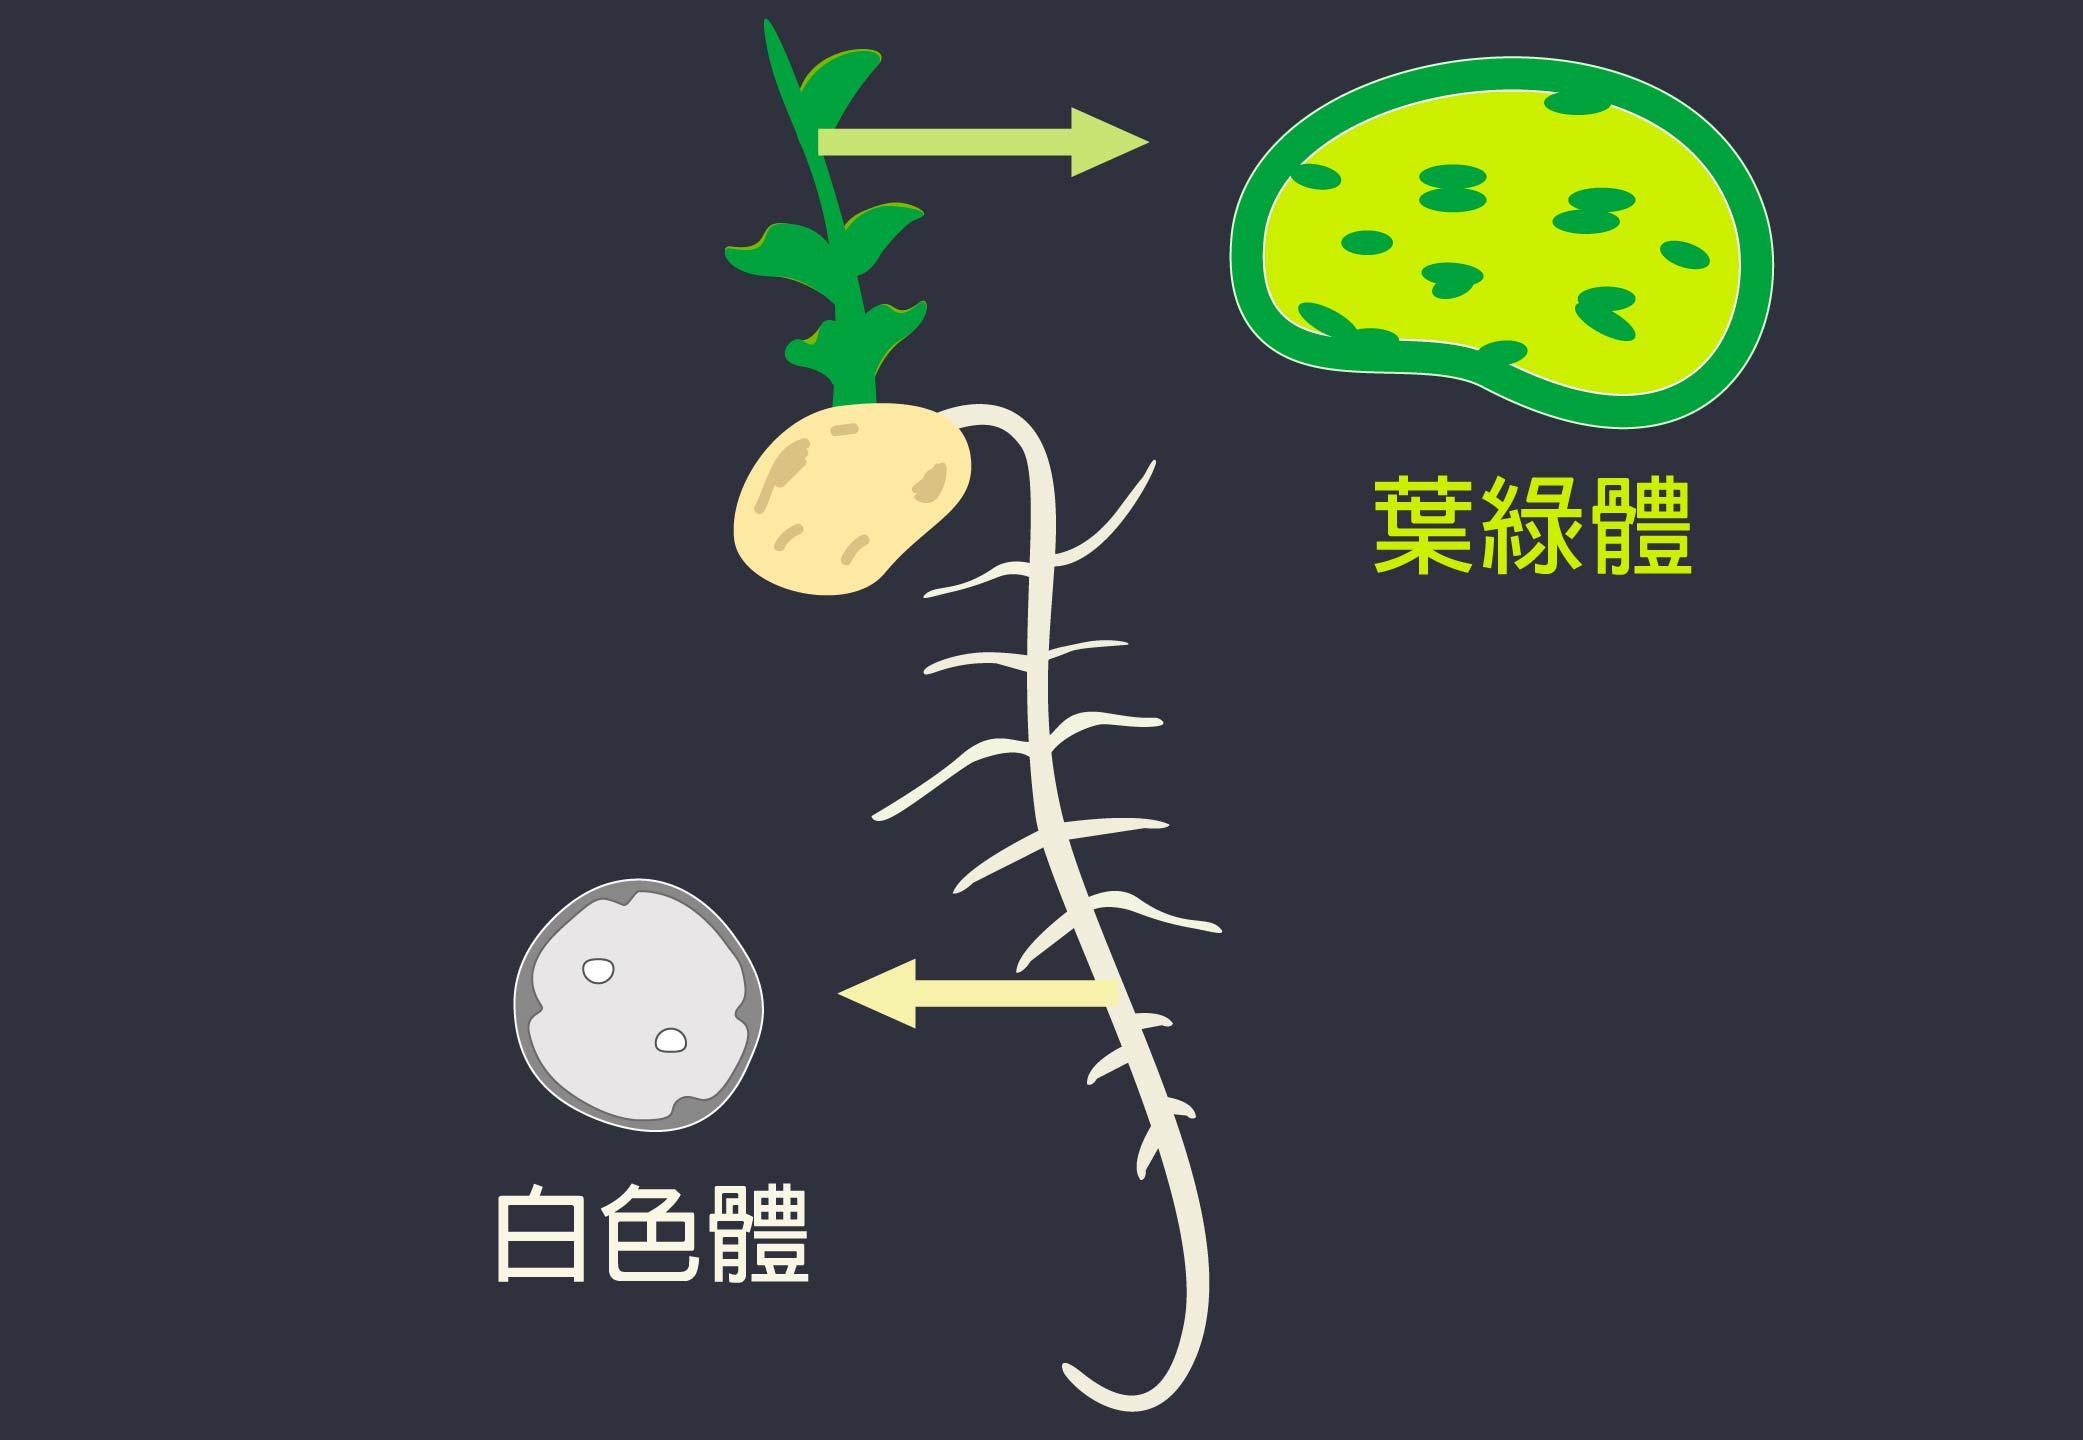 豌豆葉片上的葉綠體與根部的白色體,兩者都是植物的色質體分化而來,所以結構很相似依樣都具有內外膜的橋梁TIC236。圖│研之有物